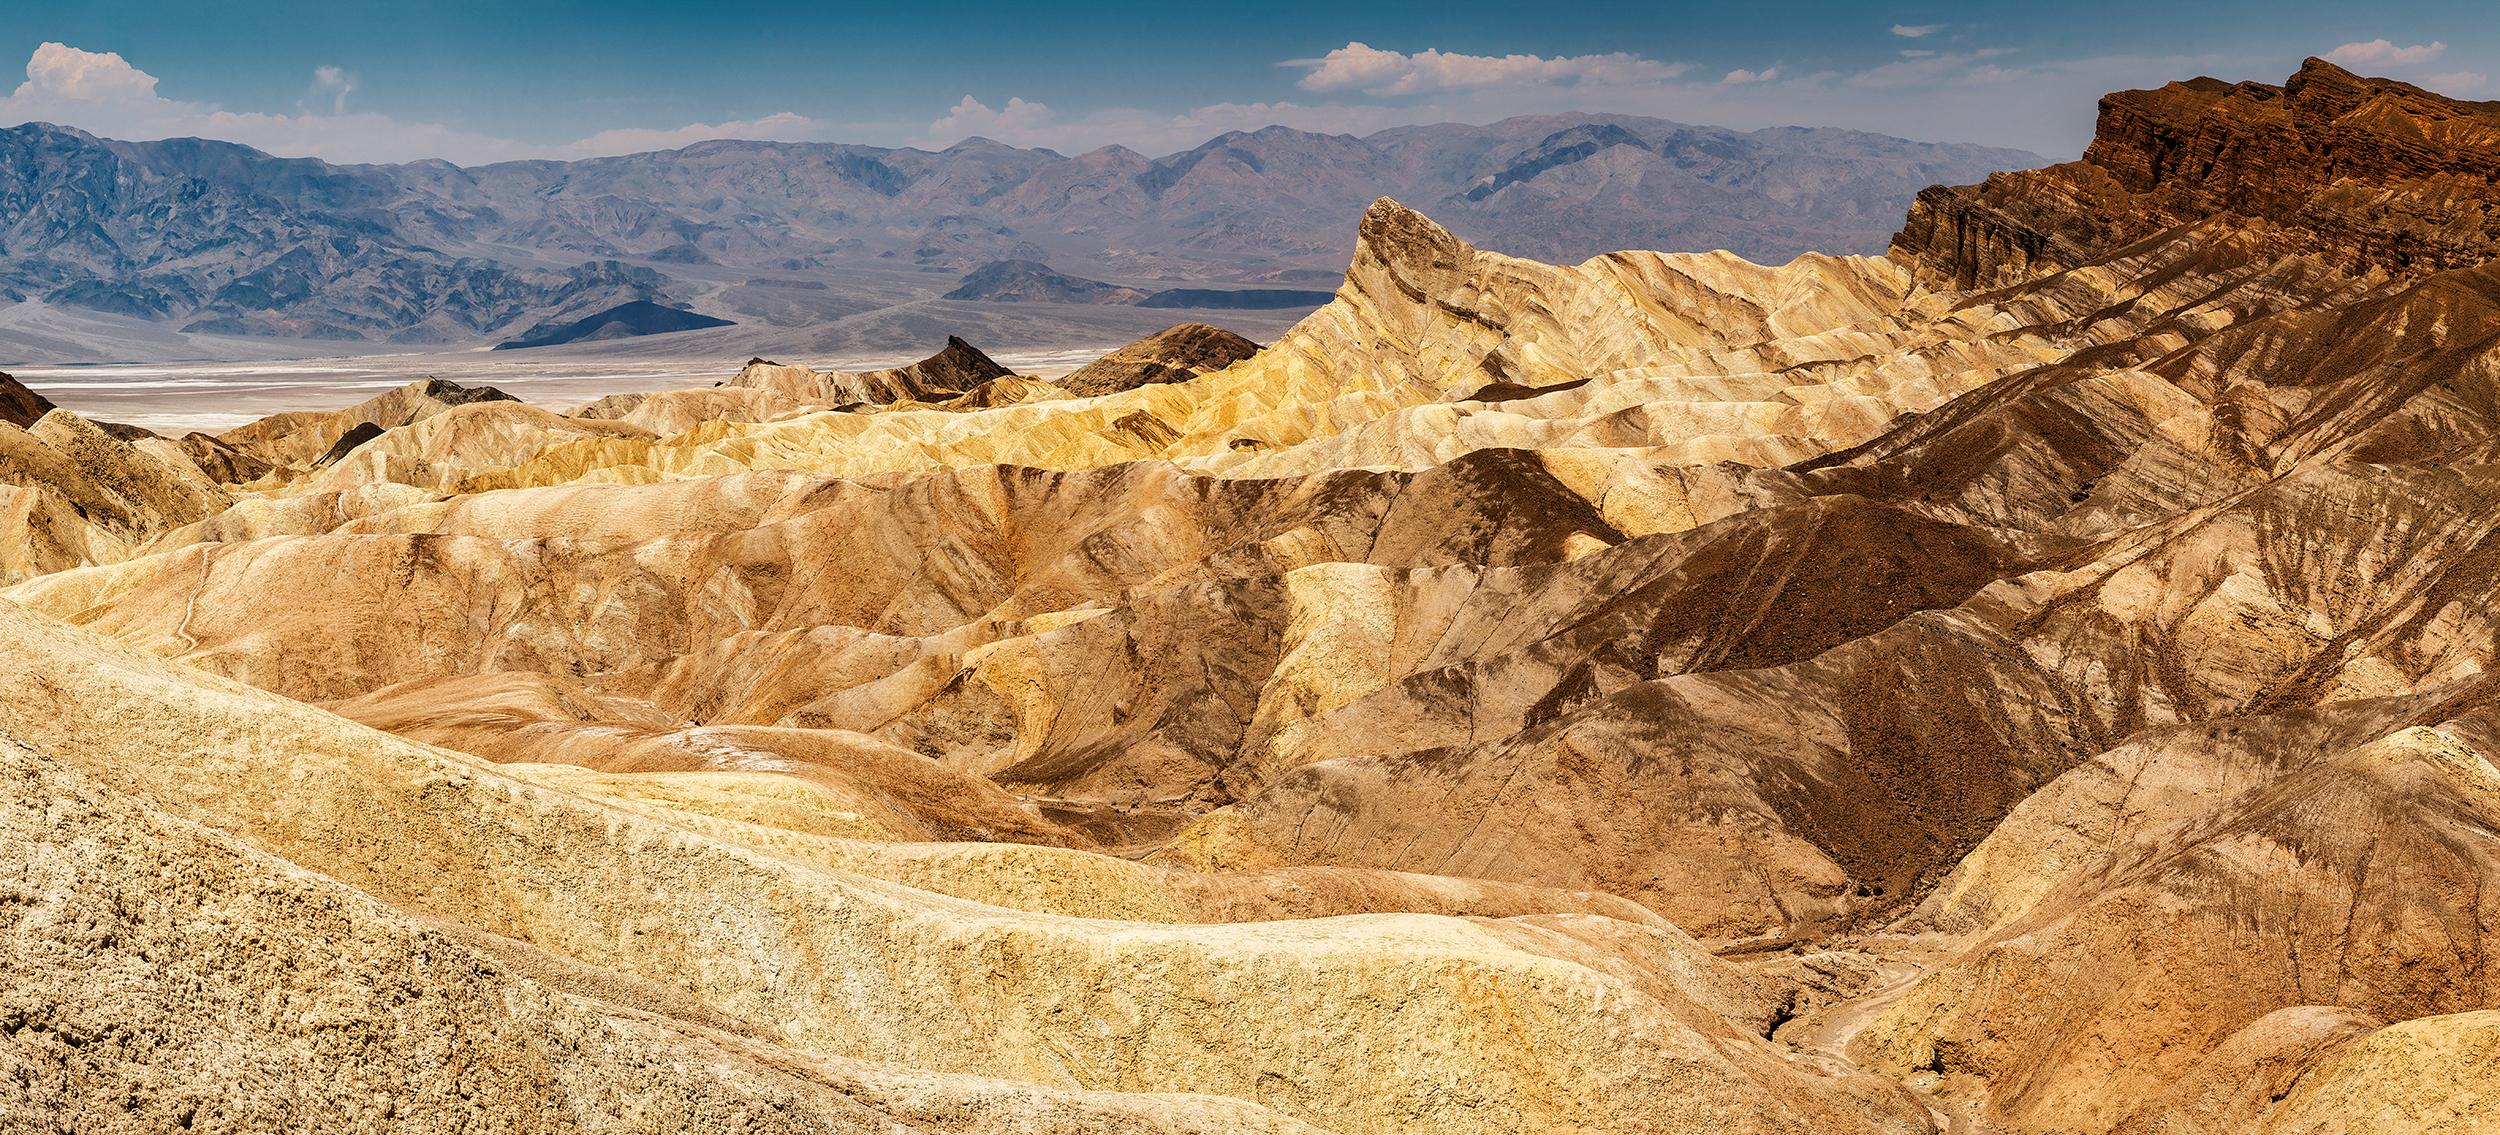 Zabriskie Point, Death Valley CA